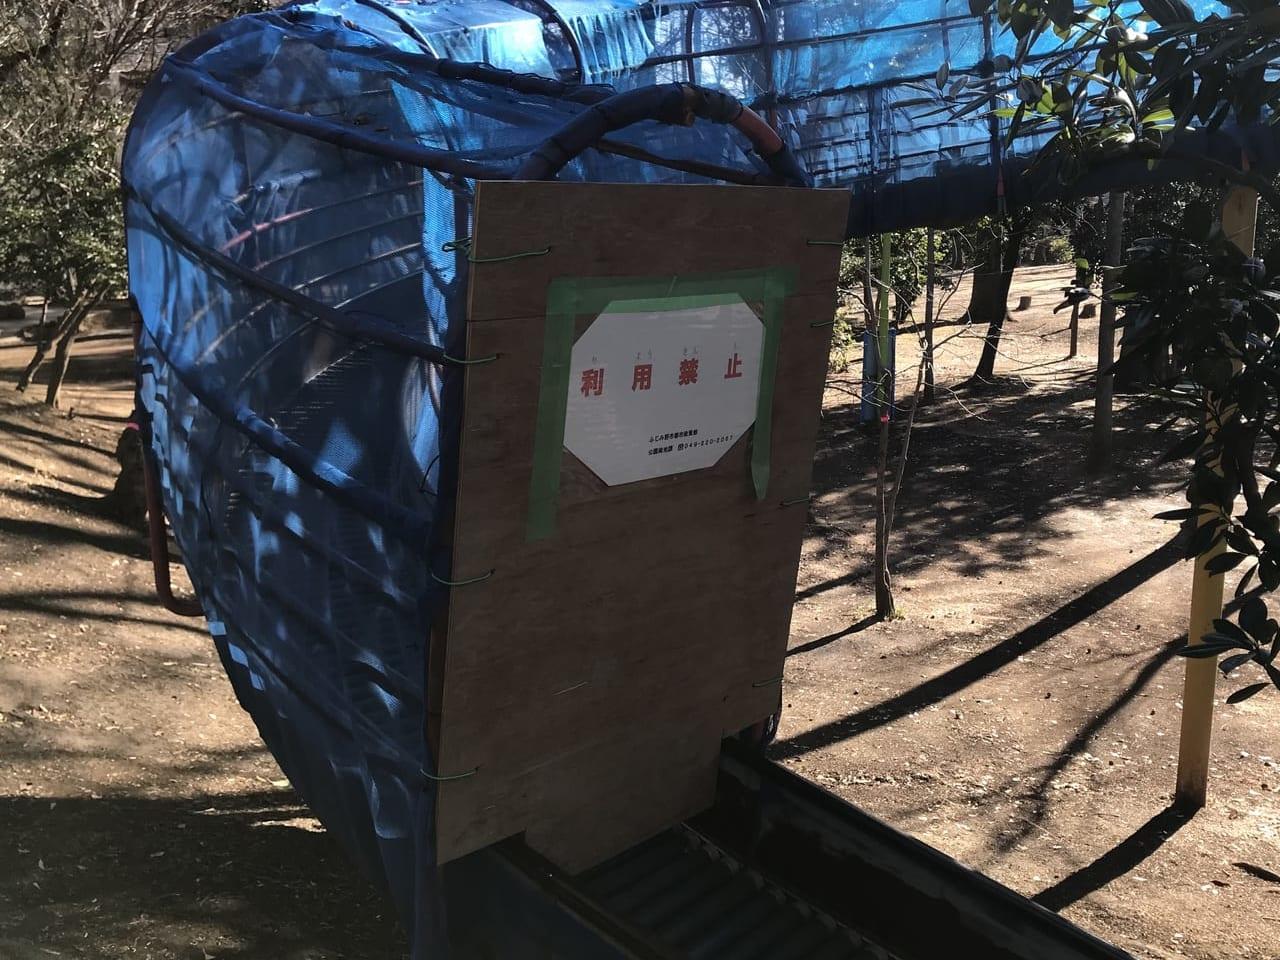 うれし野にある西の原中央公園のローラースライダー